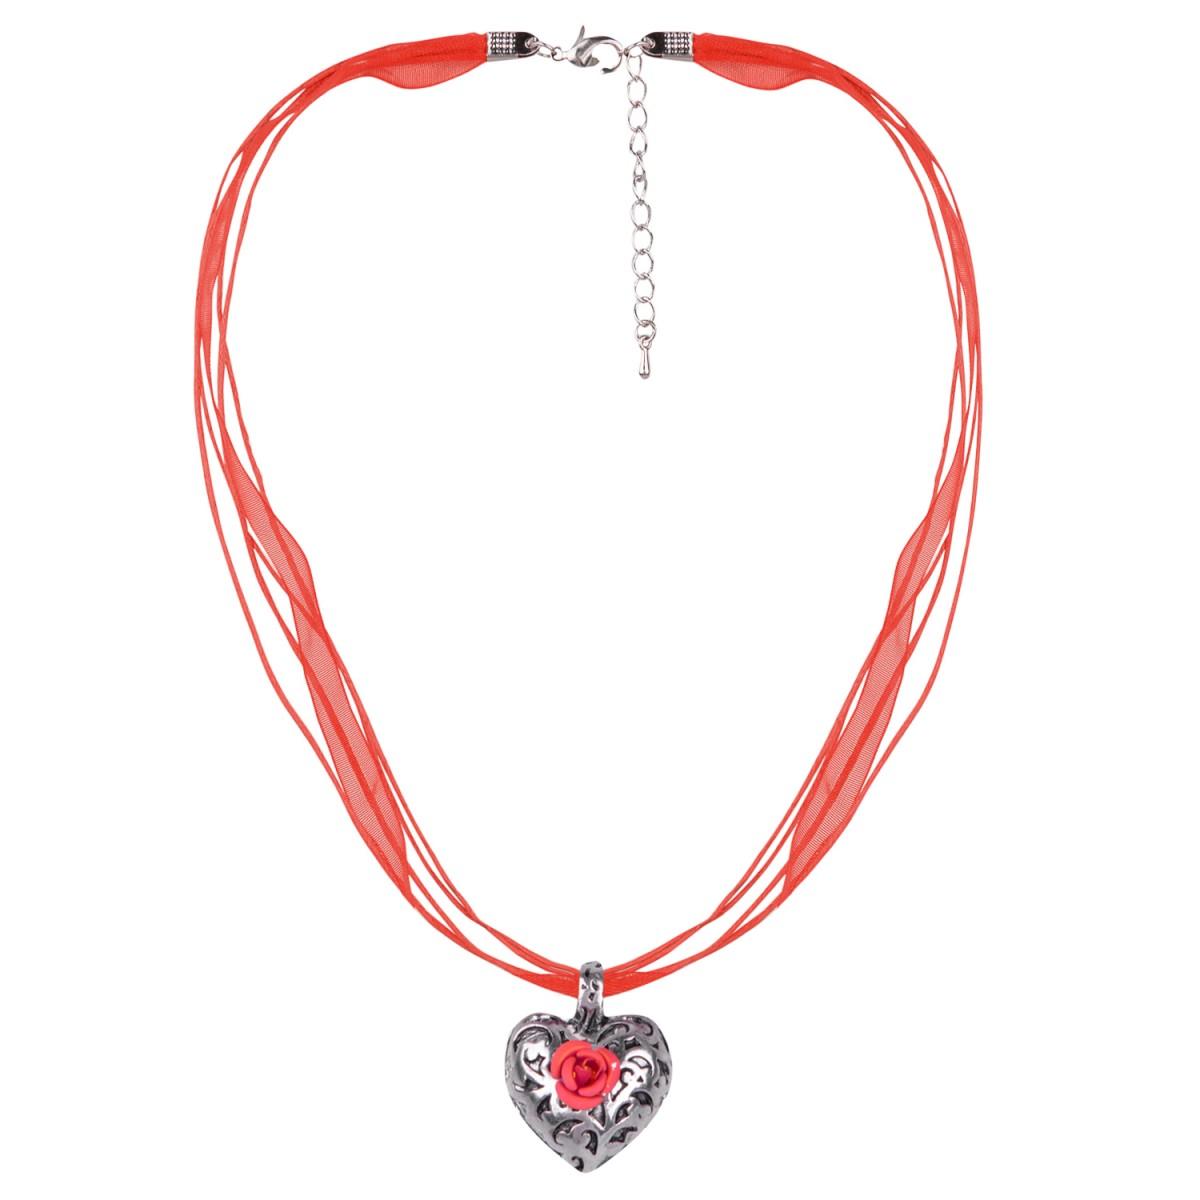 Halskette in Rot mit 4 Bändern und Herzanhänger mit Rosenblüte von Schlick Accessoires günstig online kaufen